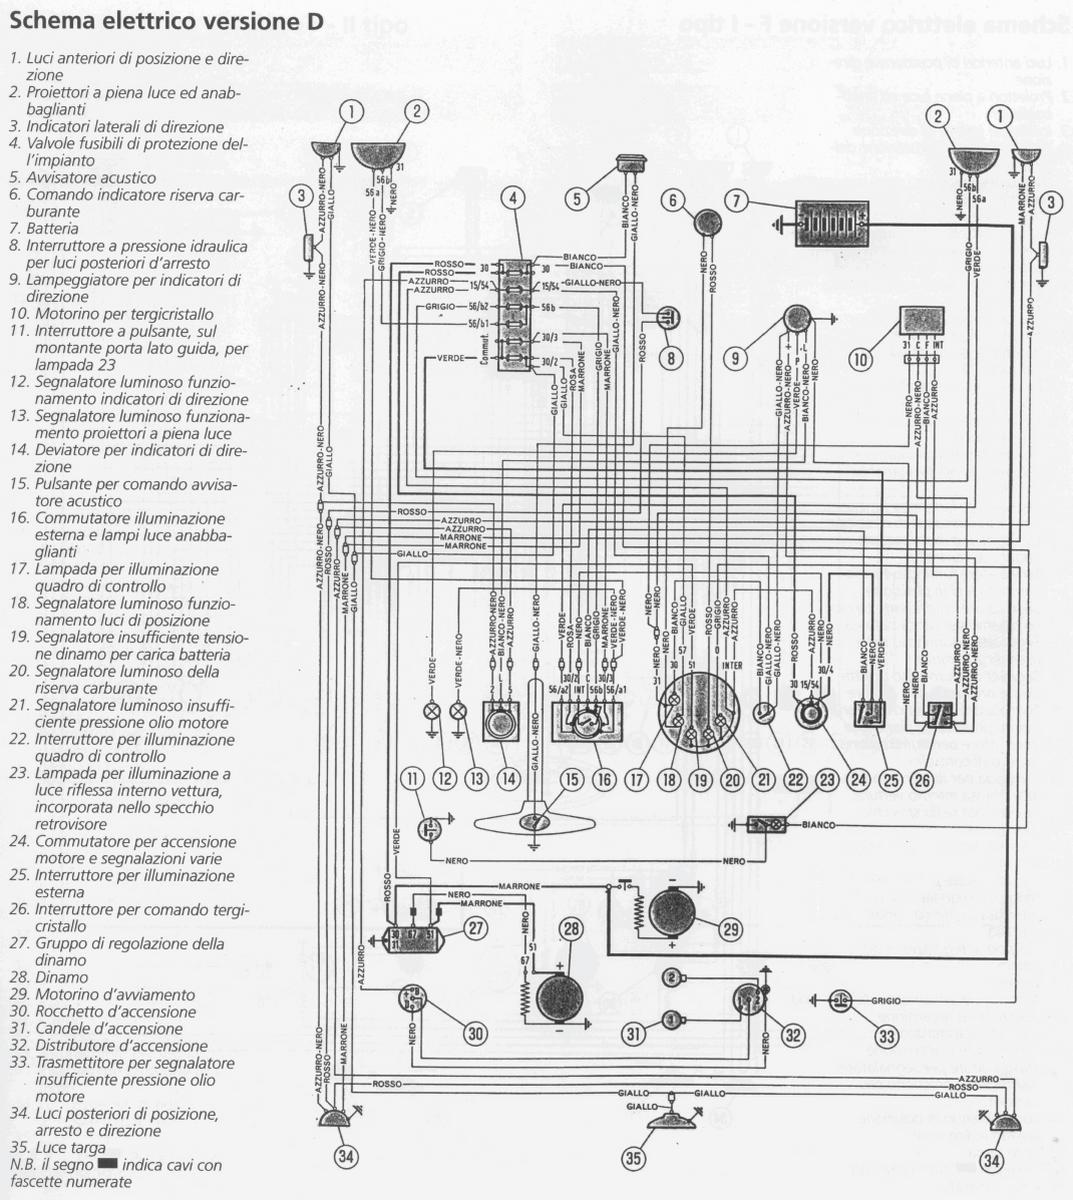 Schema Elettrico Subwoofer Fiat Punto : Libretto uso e manutenzione della fiat fai da te